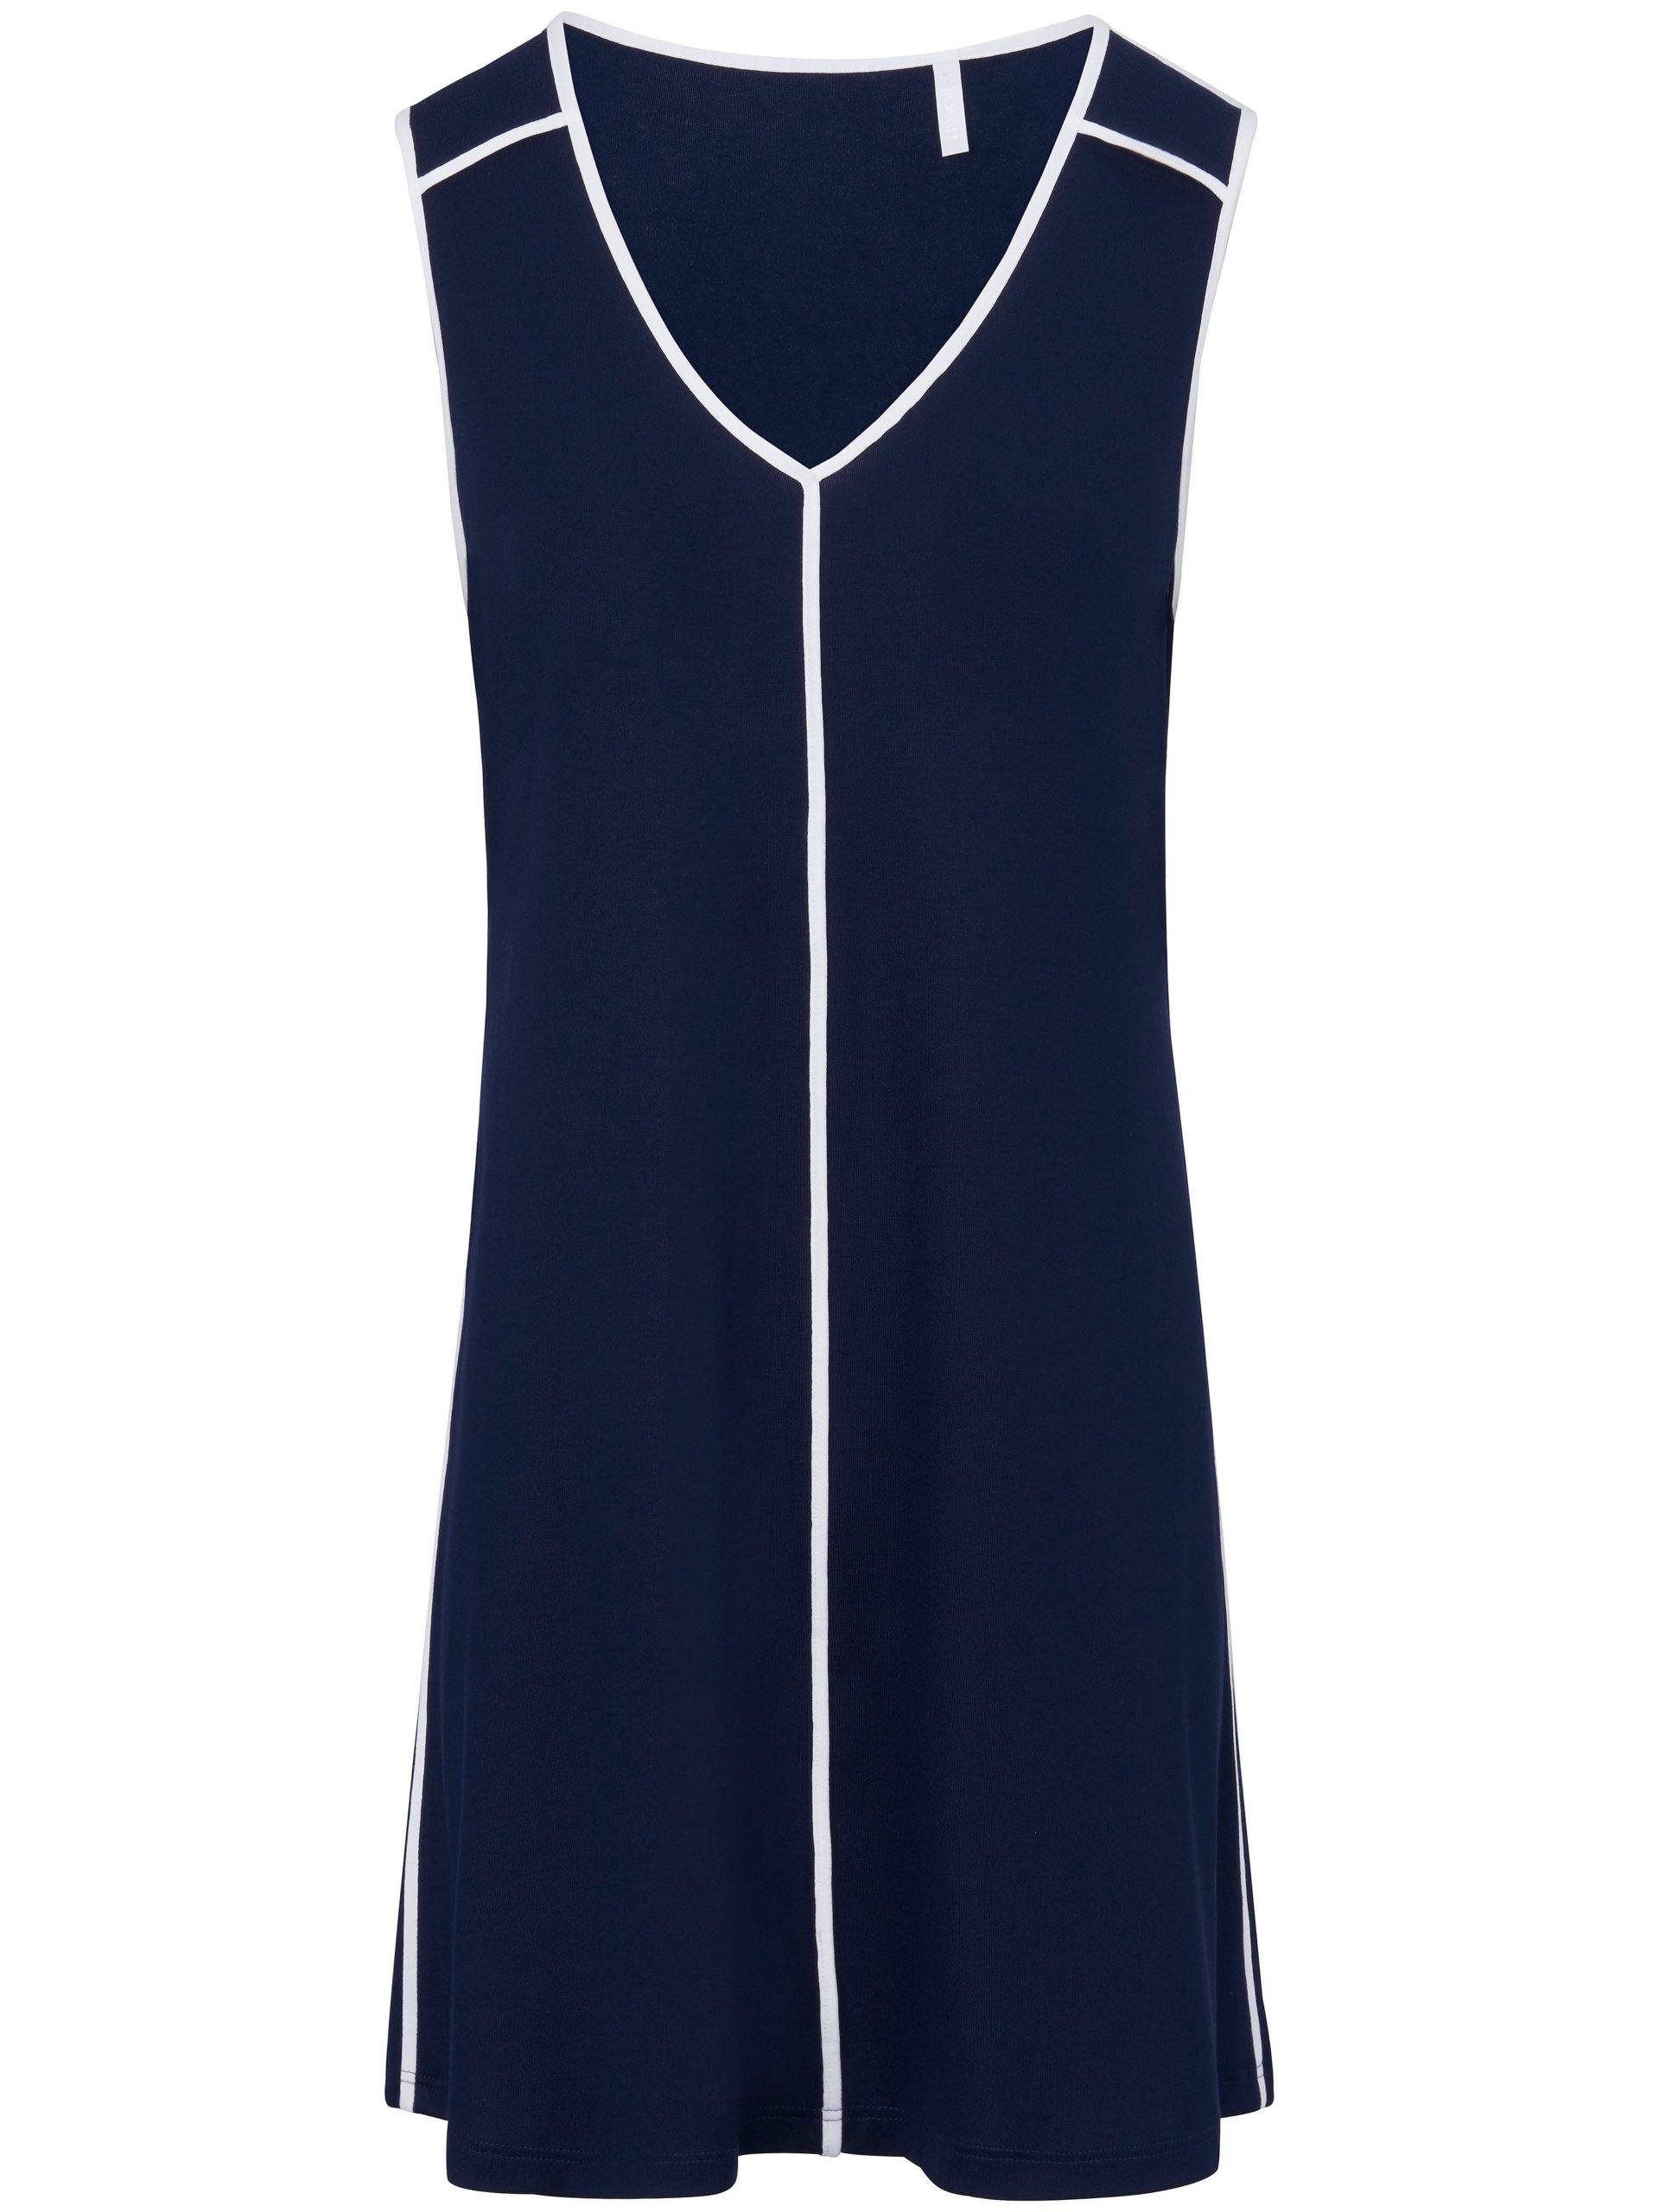 Mouwloze jurk met V-hals Van Rösch blauw Kopen